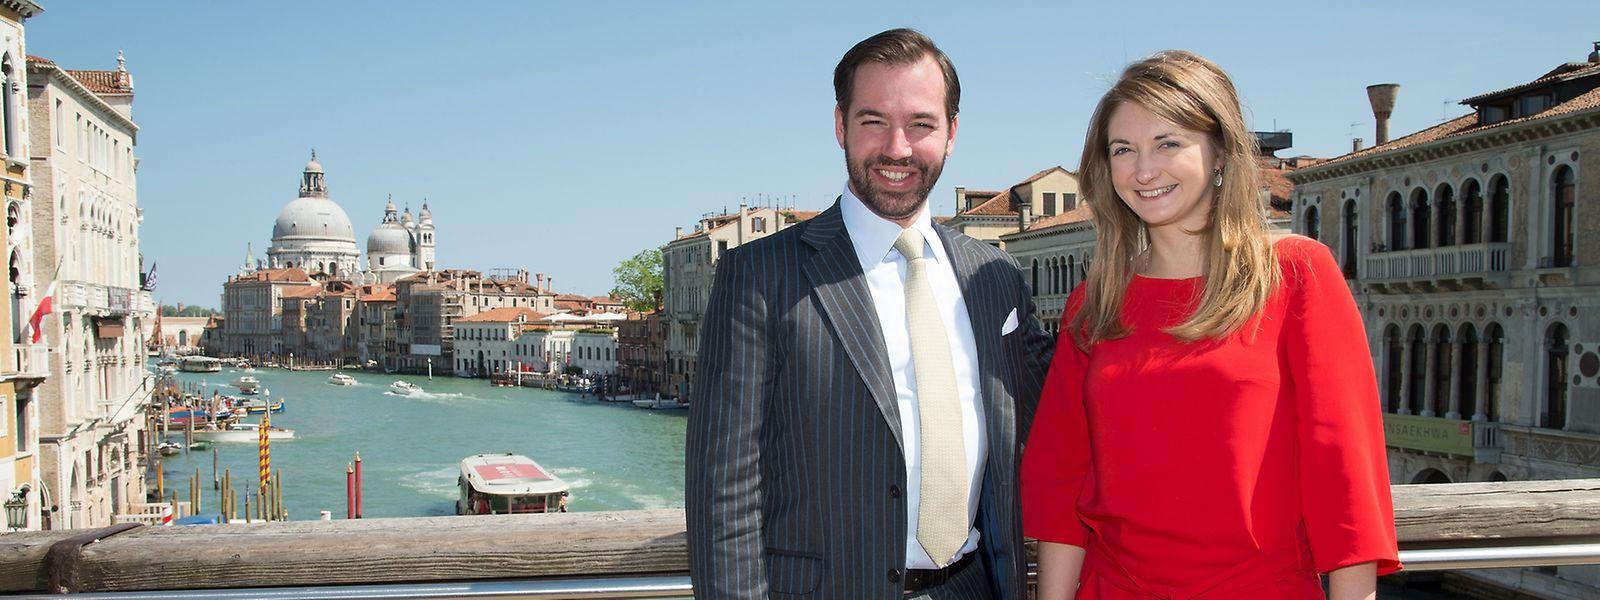 Vor der Eröffnung genoss das erbgroßherzogliche Paar den Aufenthalt in Venedig.